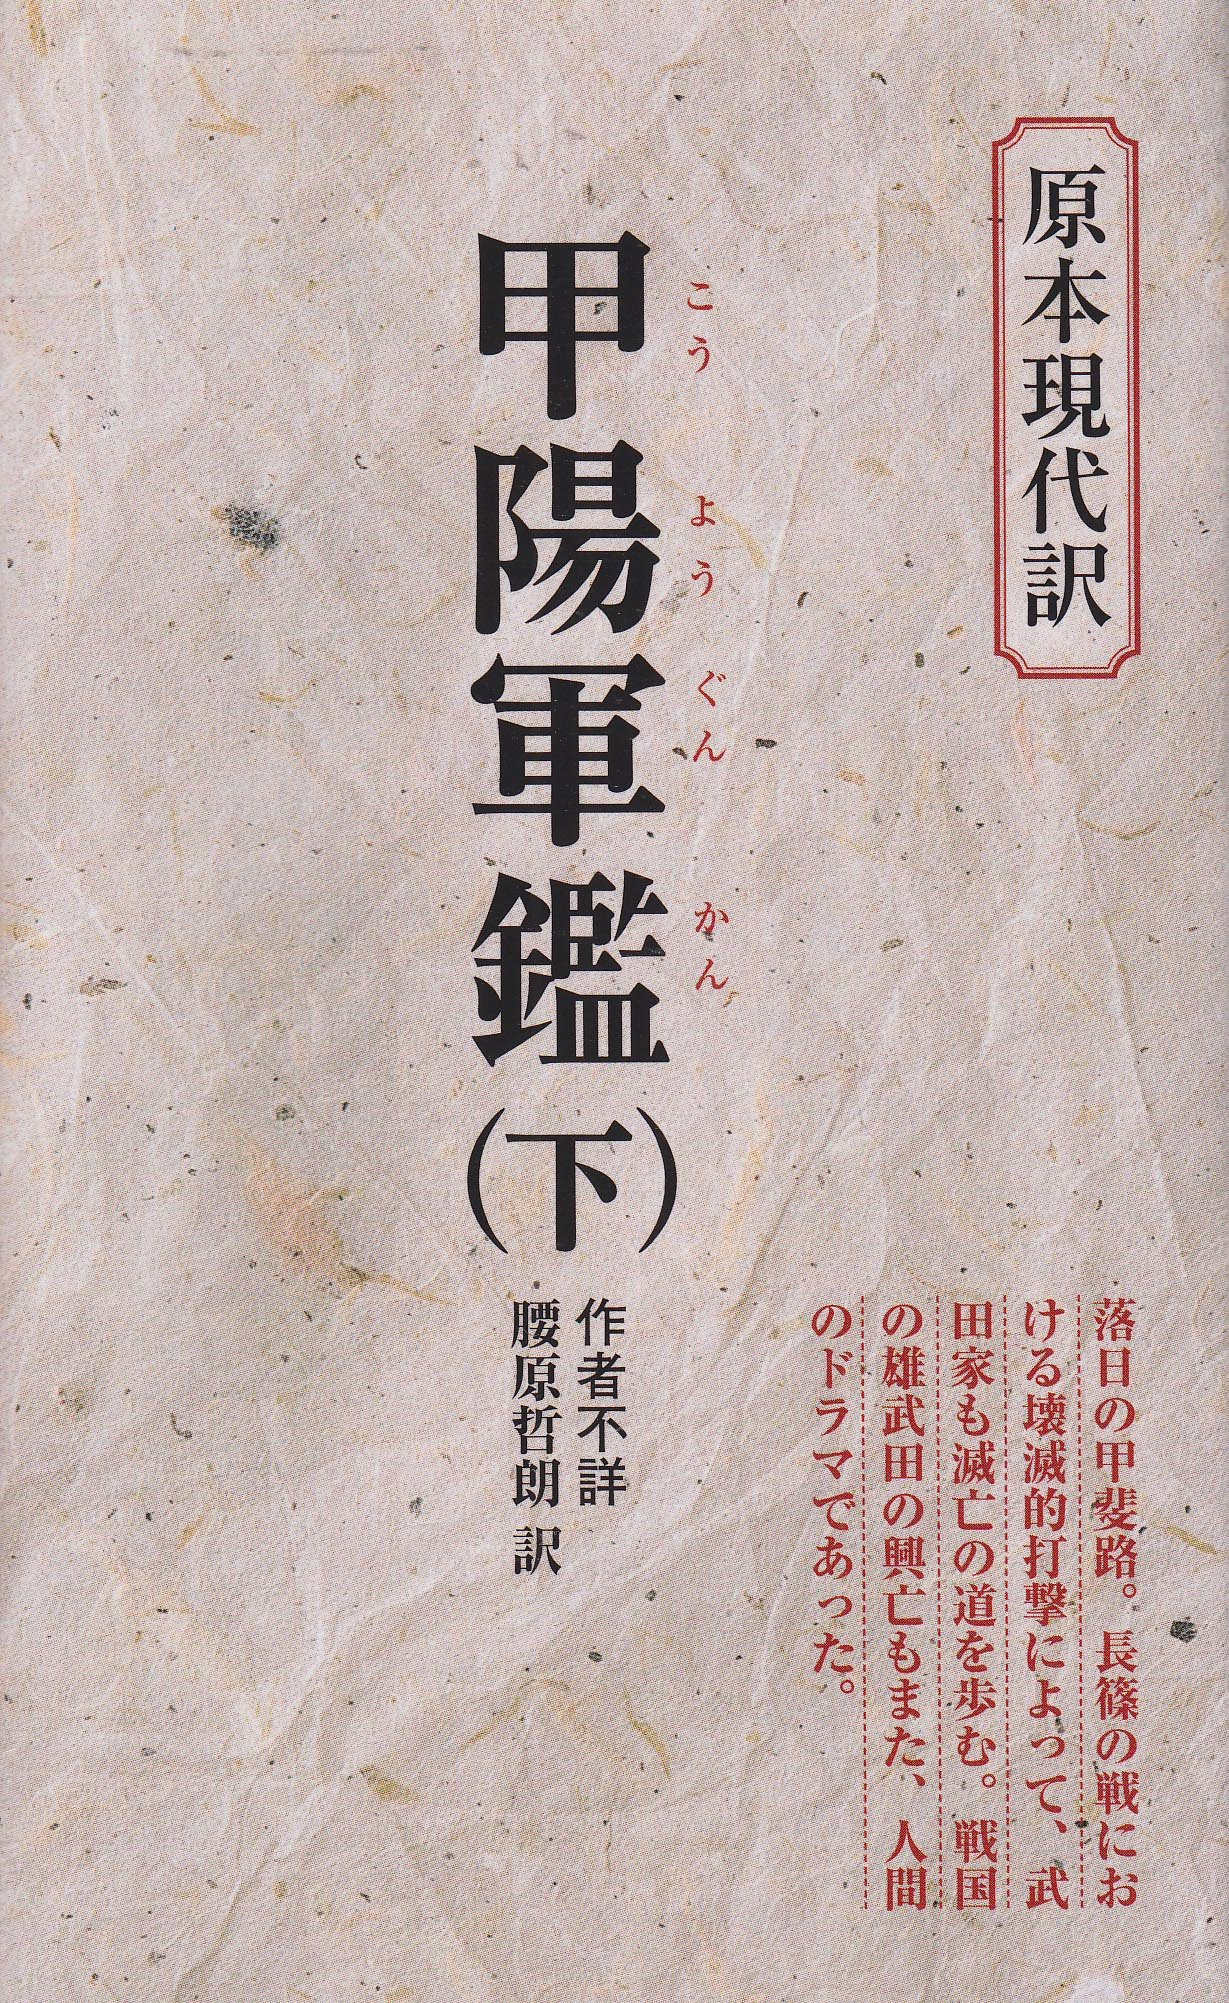 甲陽軍鑑(下)